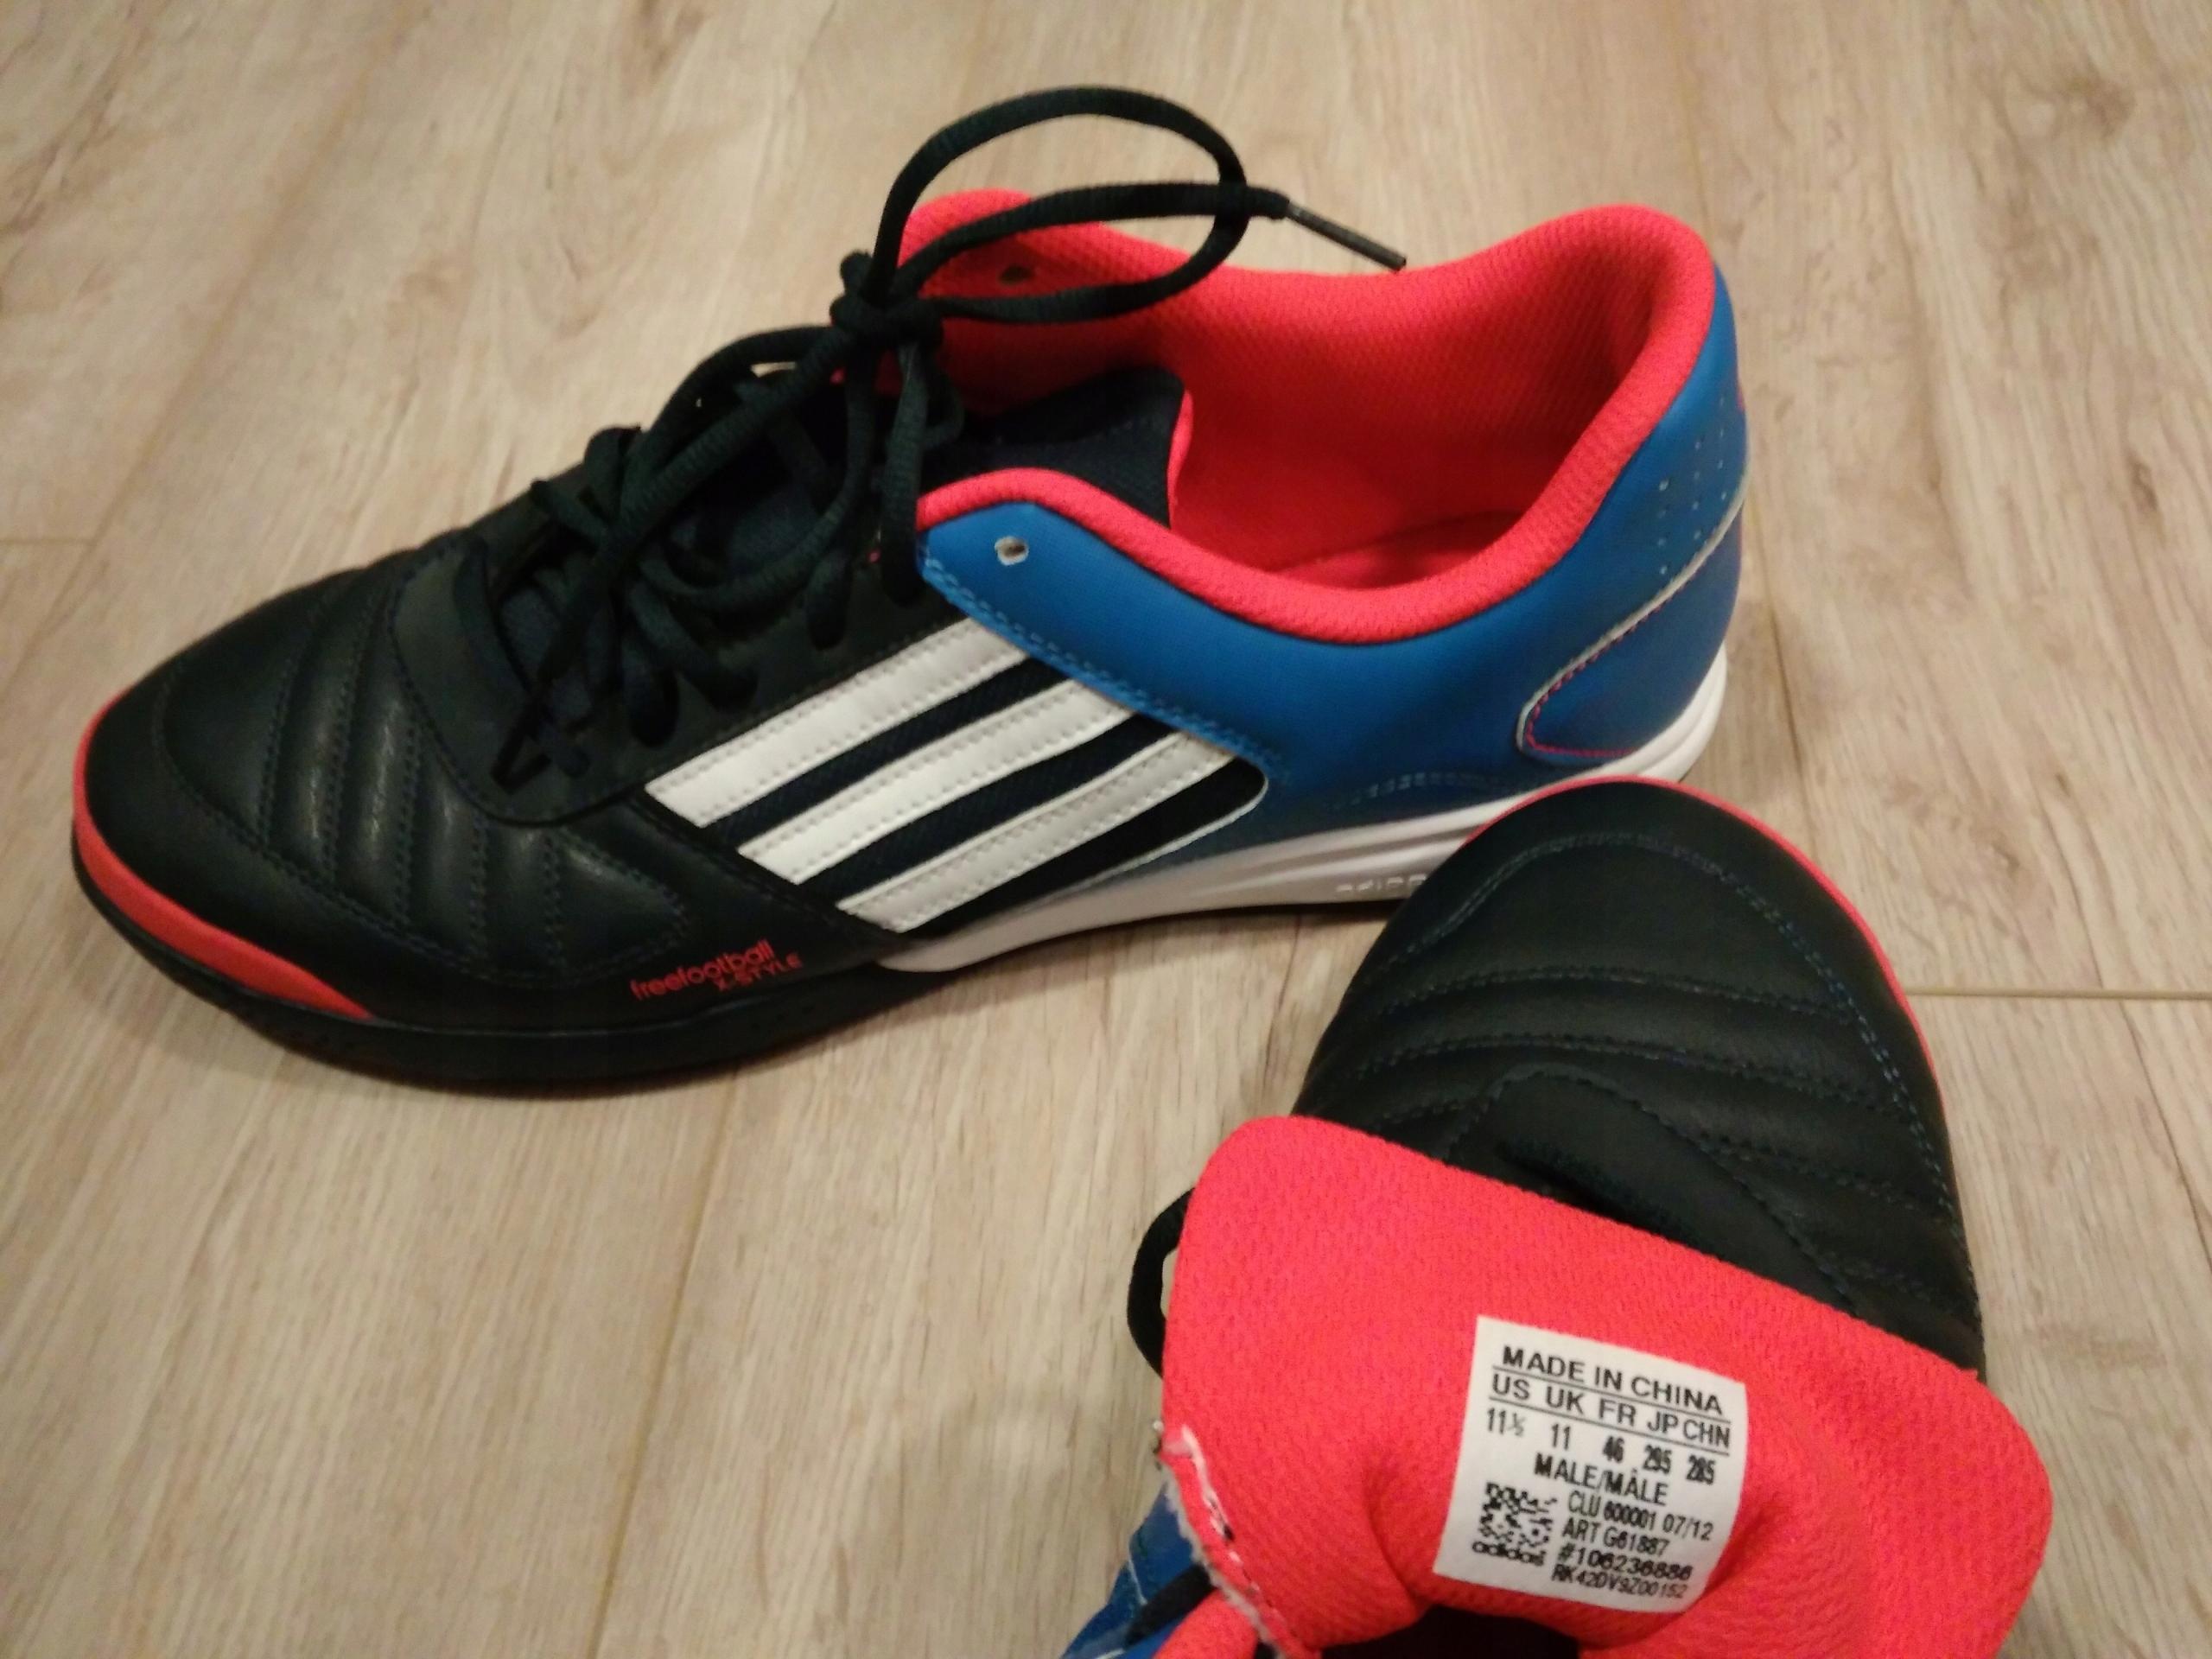 Buty Adidas Freefootball x style G61887 7458940710